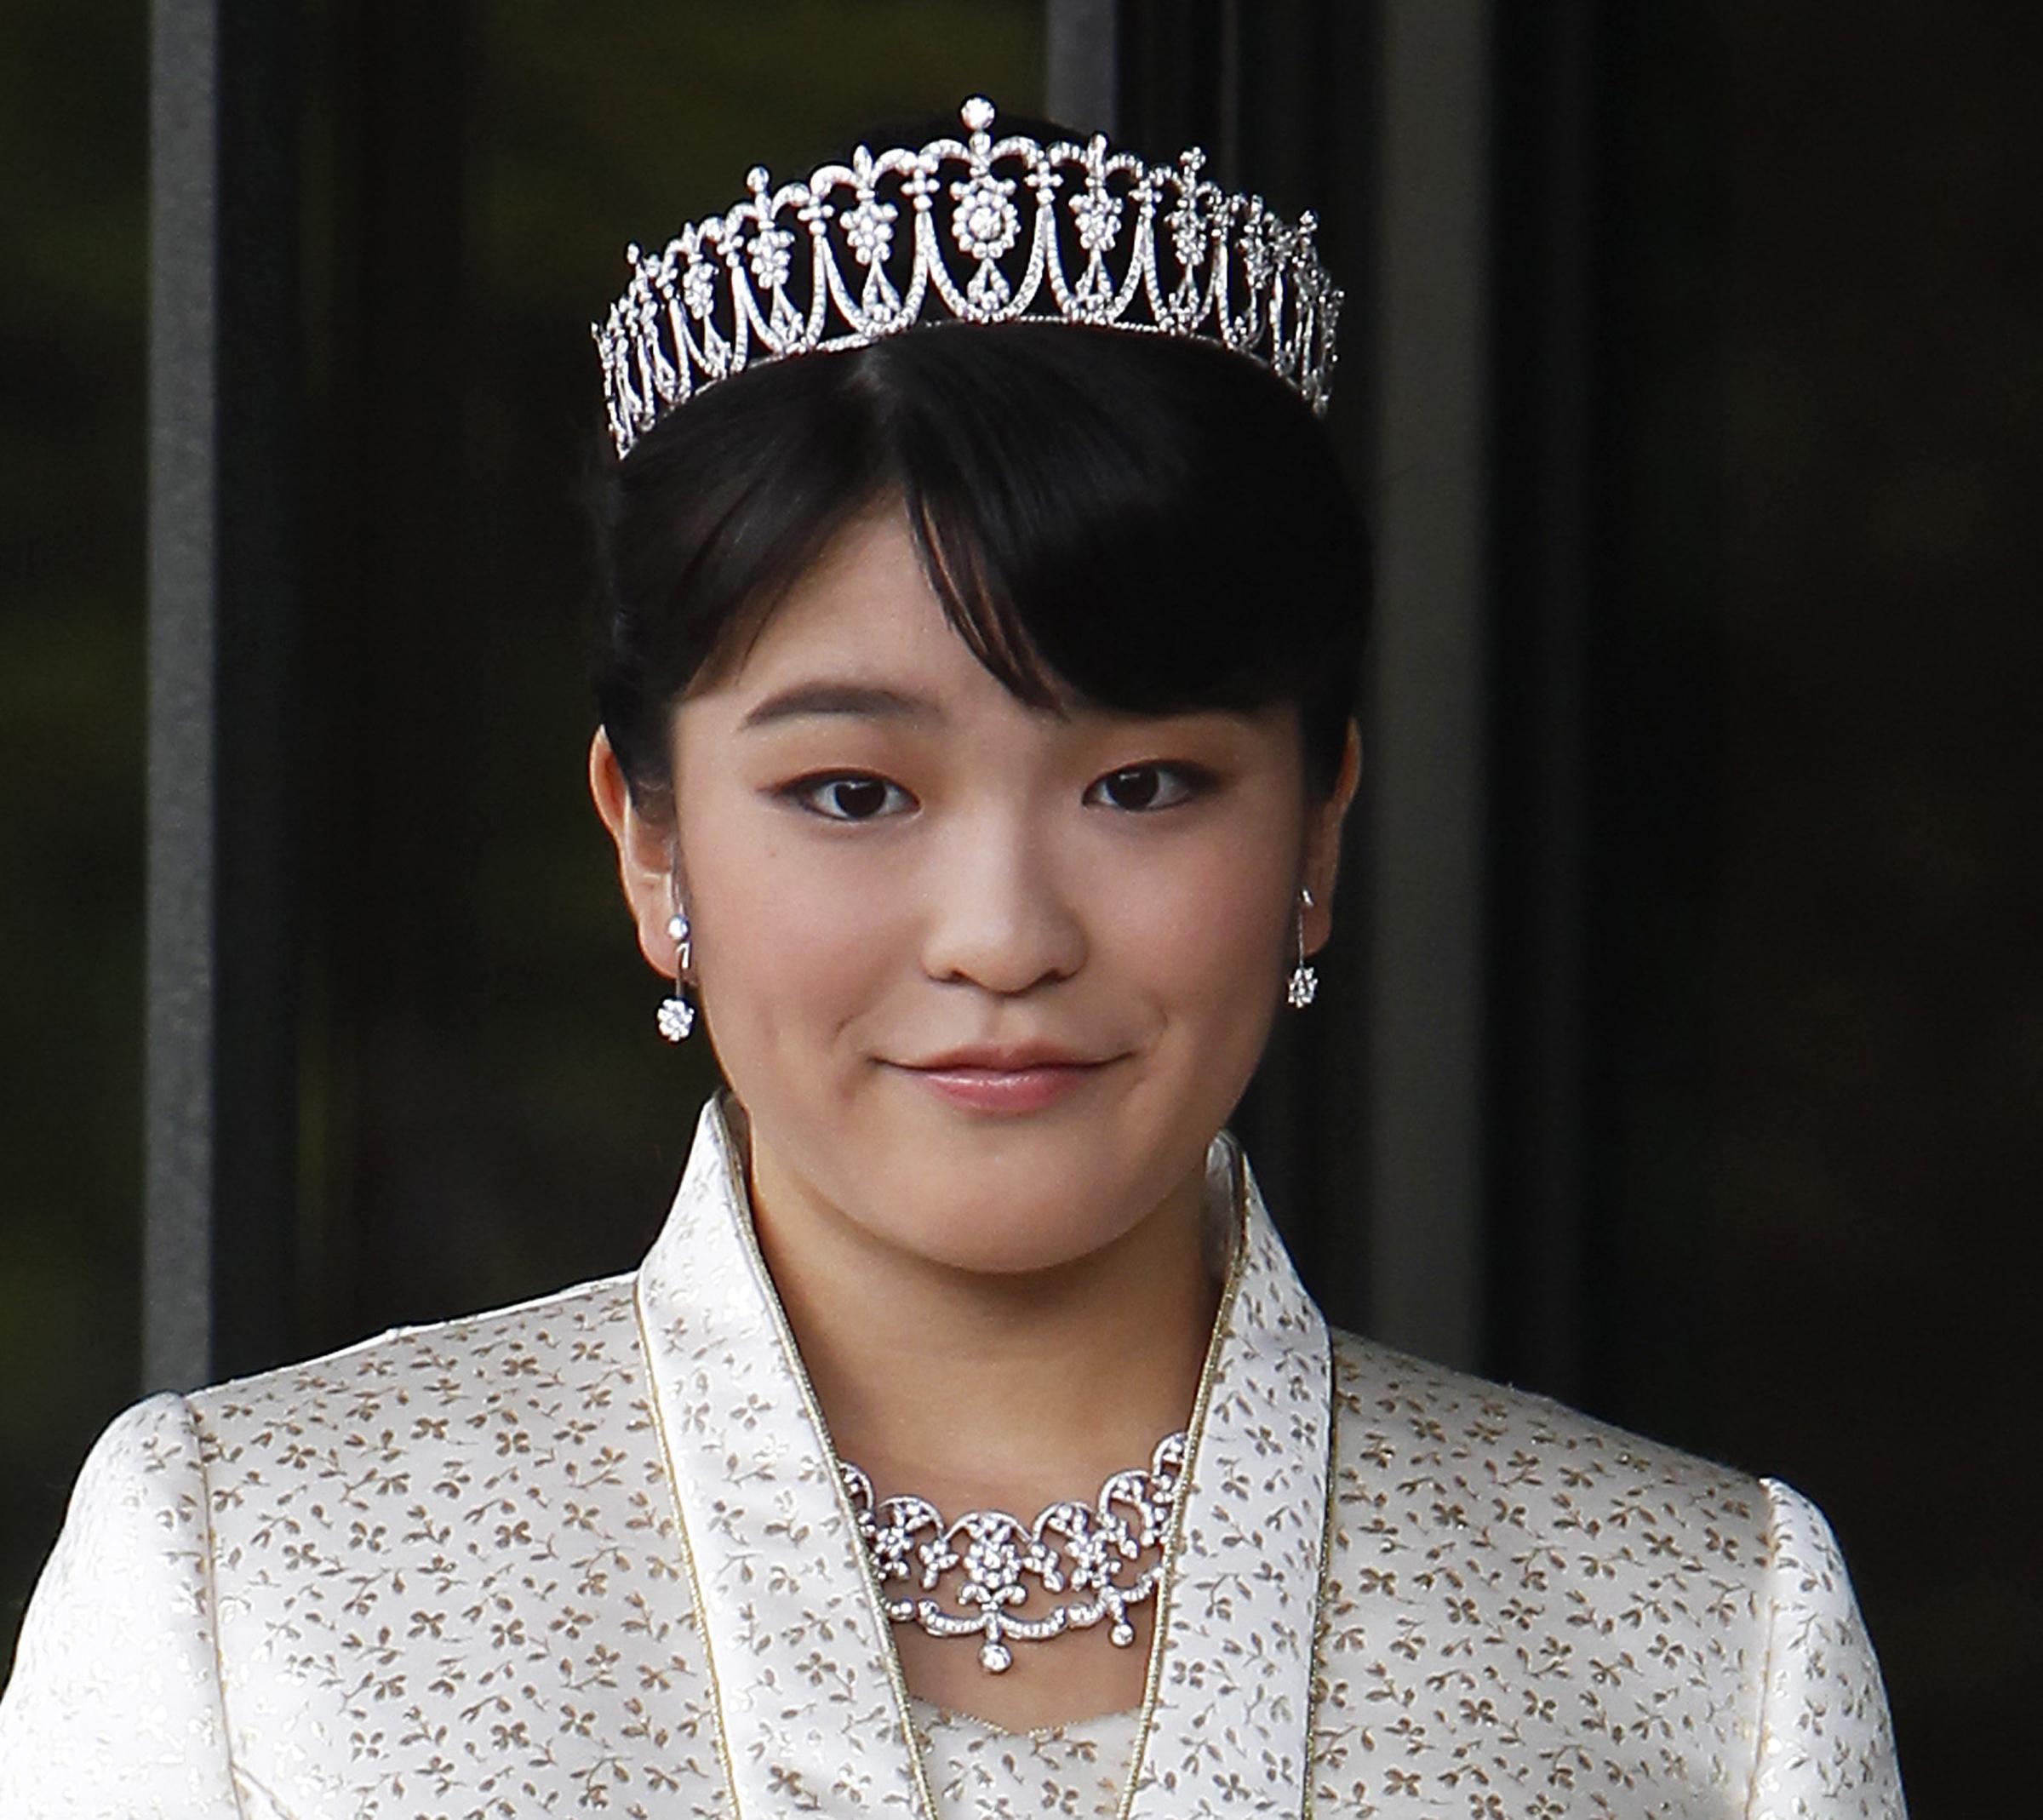 La principessa Mako del Giappone rinuncia al trono per amore